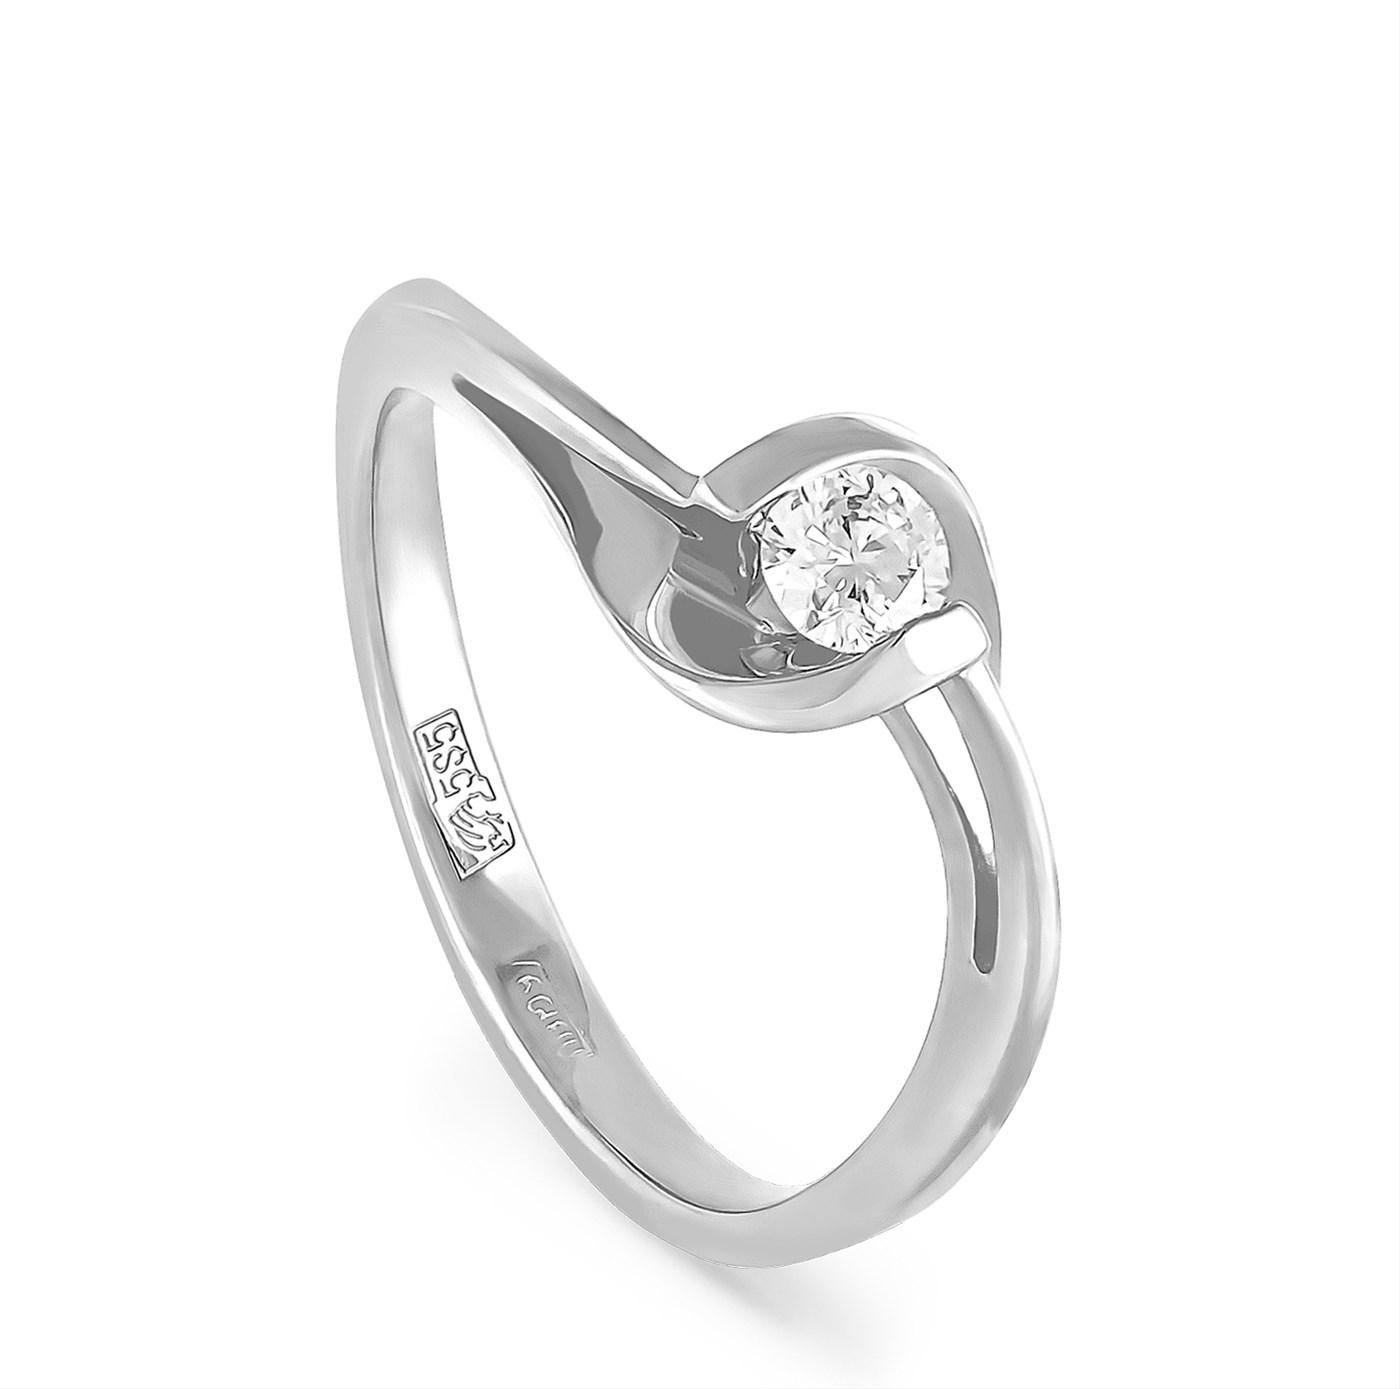 Кольцо из белого золота Бриллиант арт. 1-1112-1000 1-1112-1000